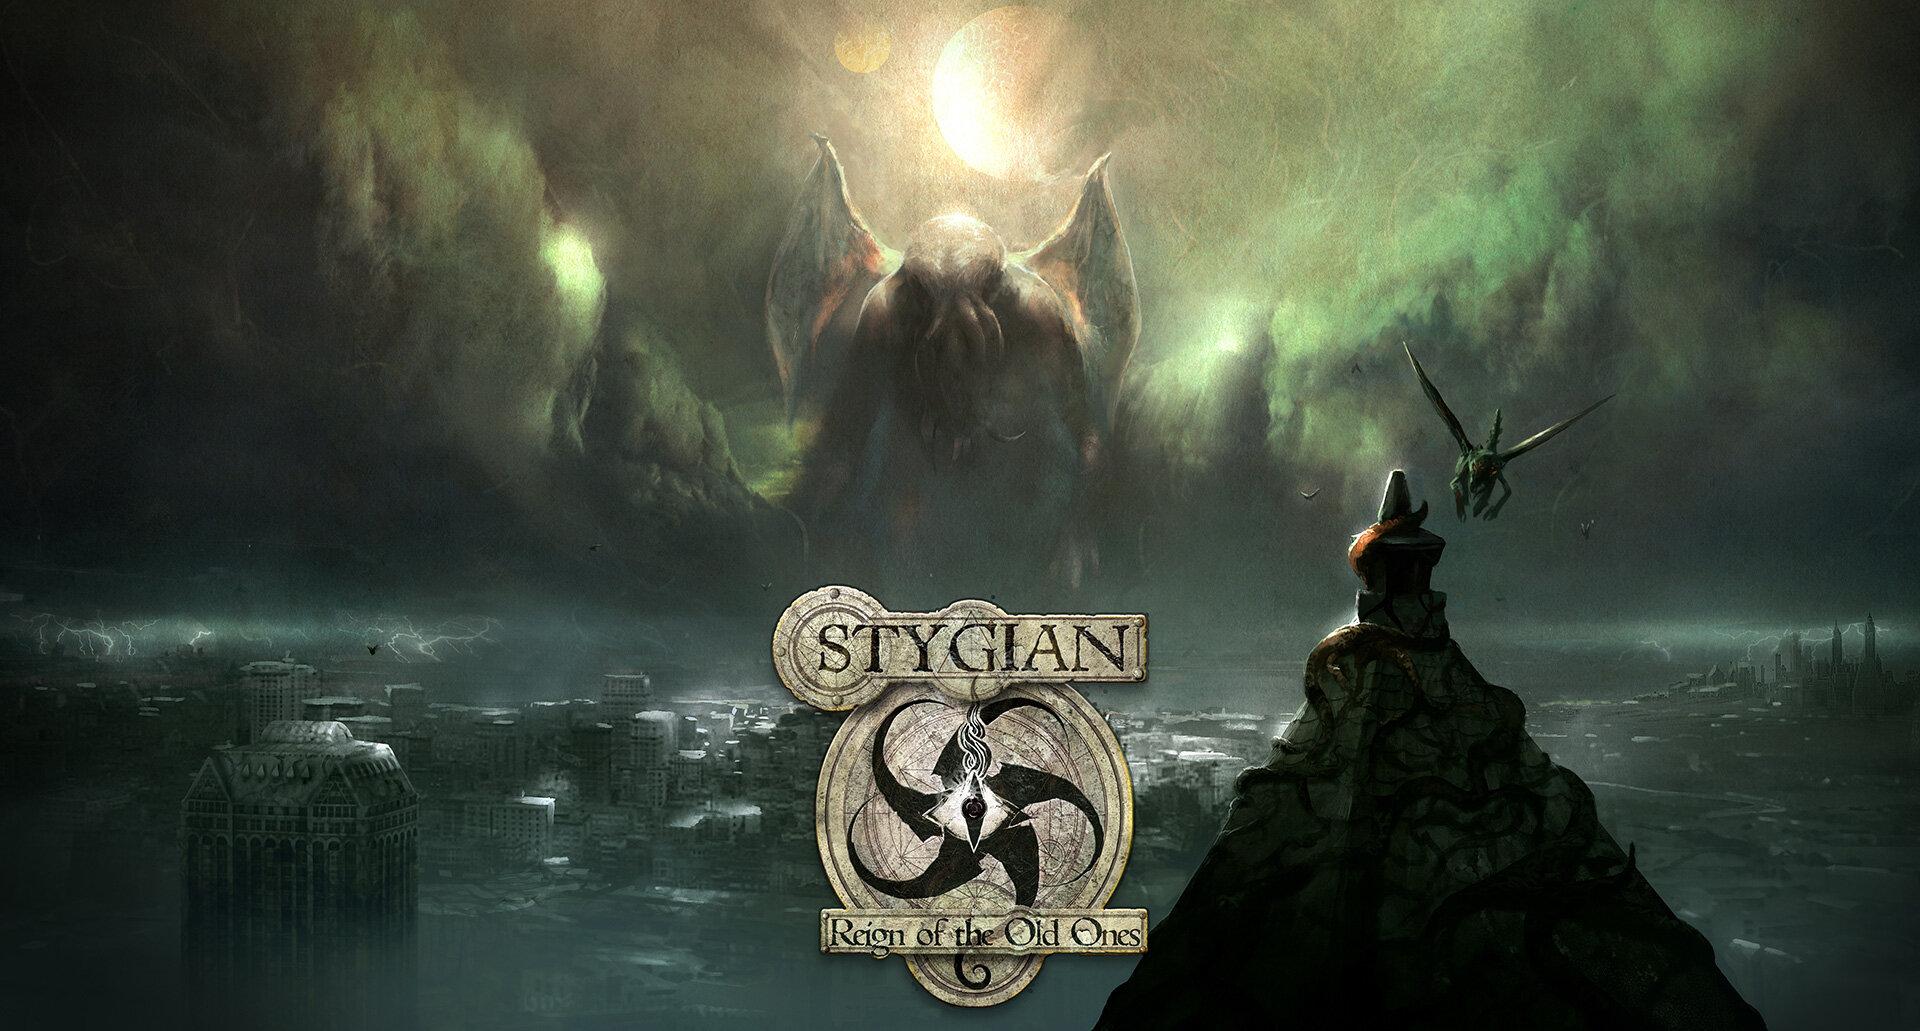 Stygian_Logo.jpg